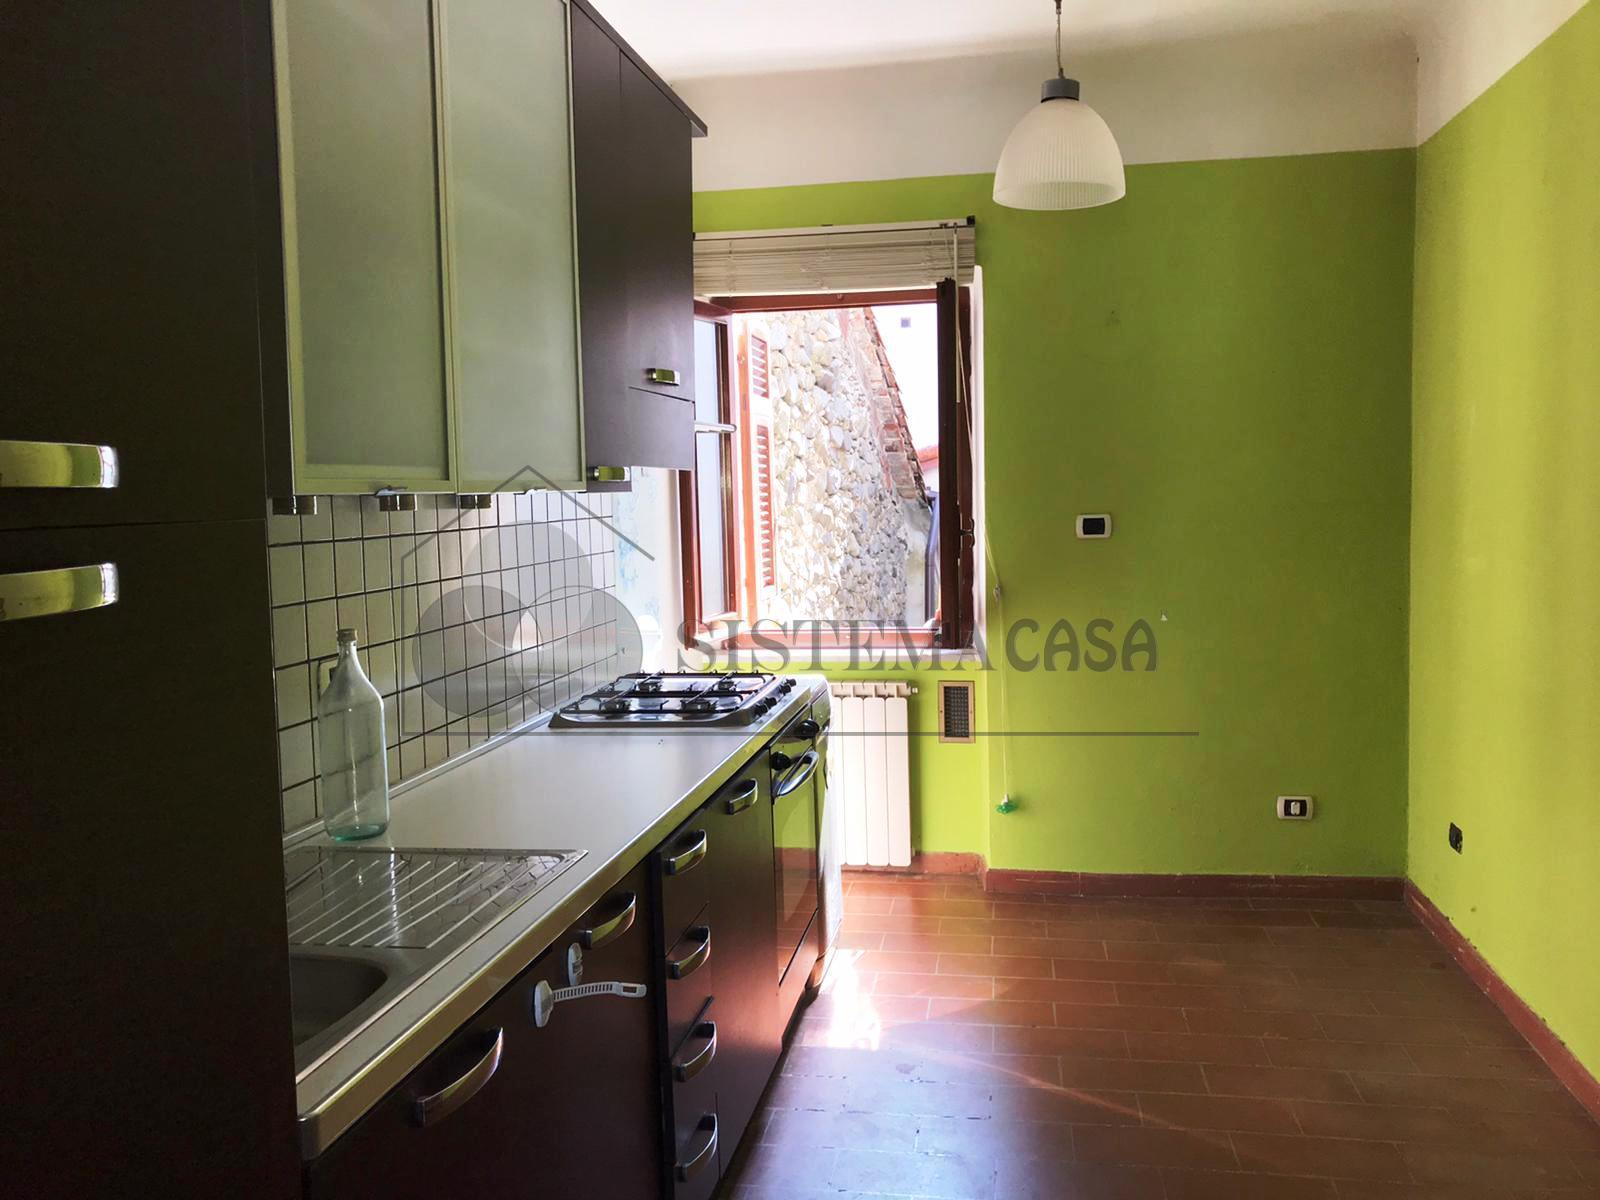 Vendita Semindipendente Terratetto a Follo, Piana Battolla (SP) - F252